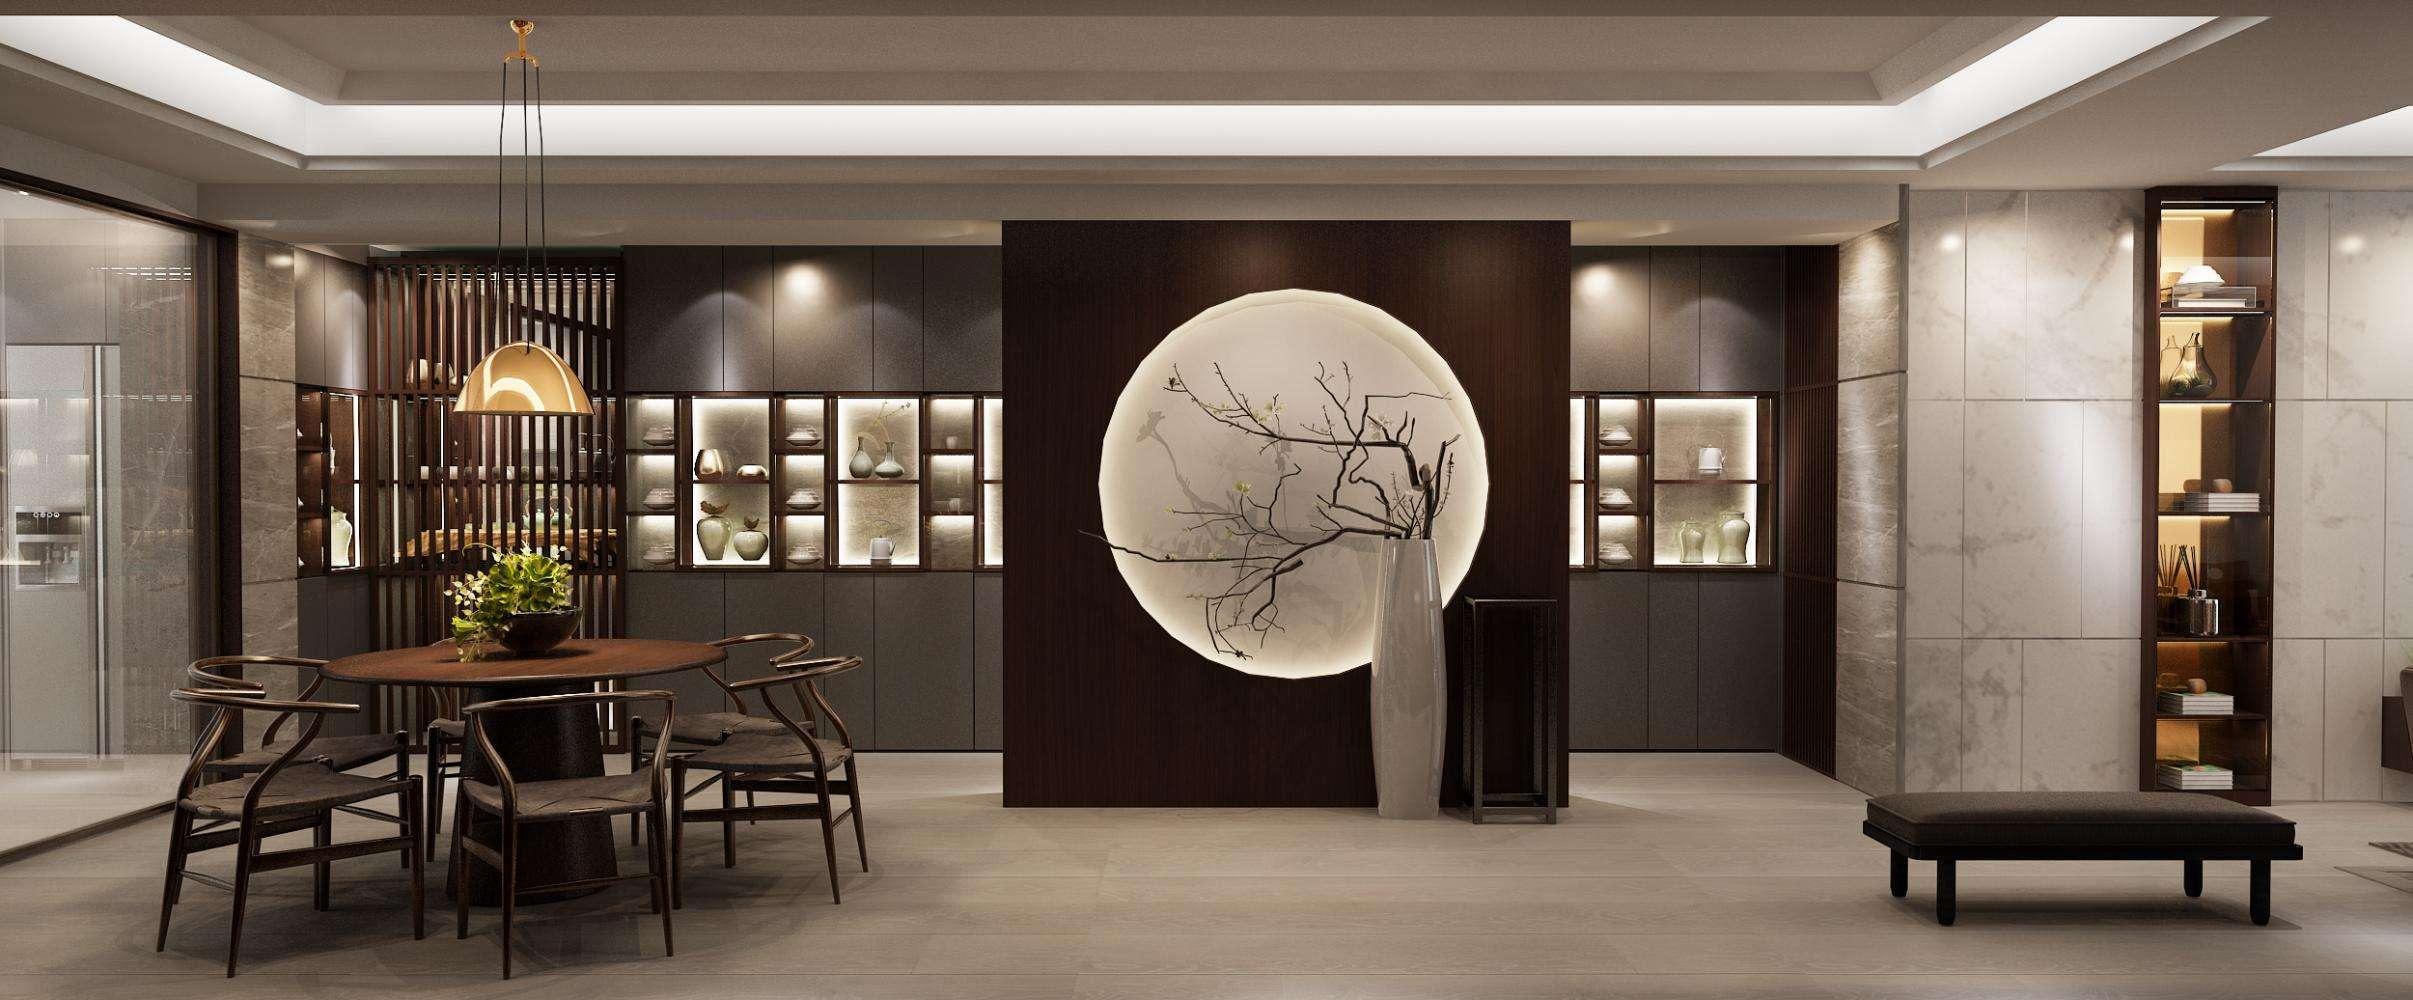 客餐厅一体中式装修效果图,新中式客餐厅一体玄关效果图